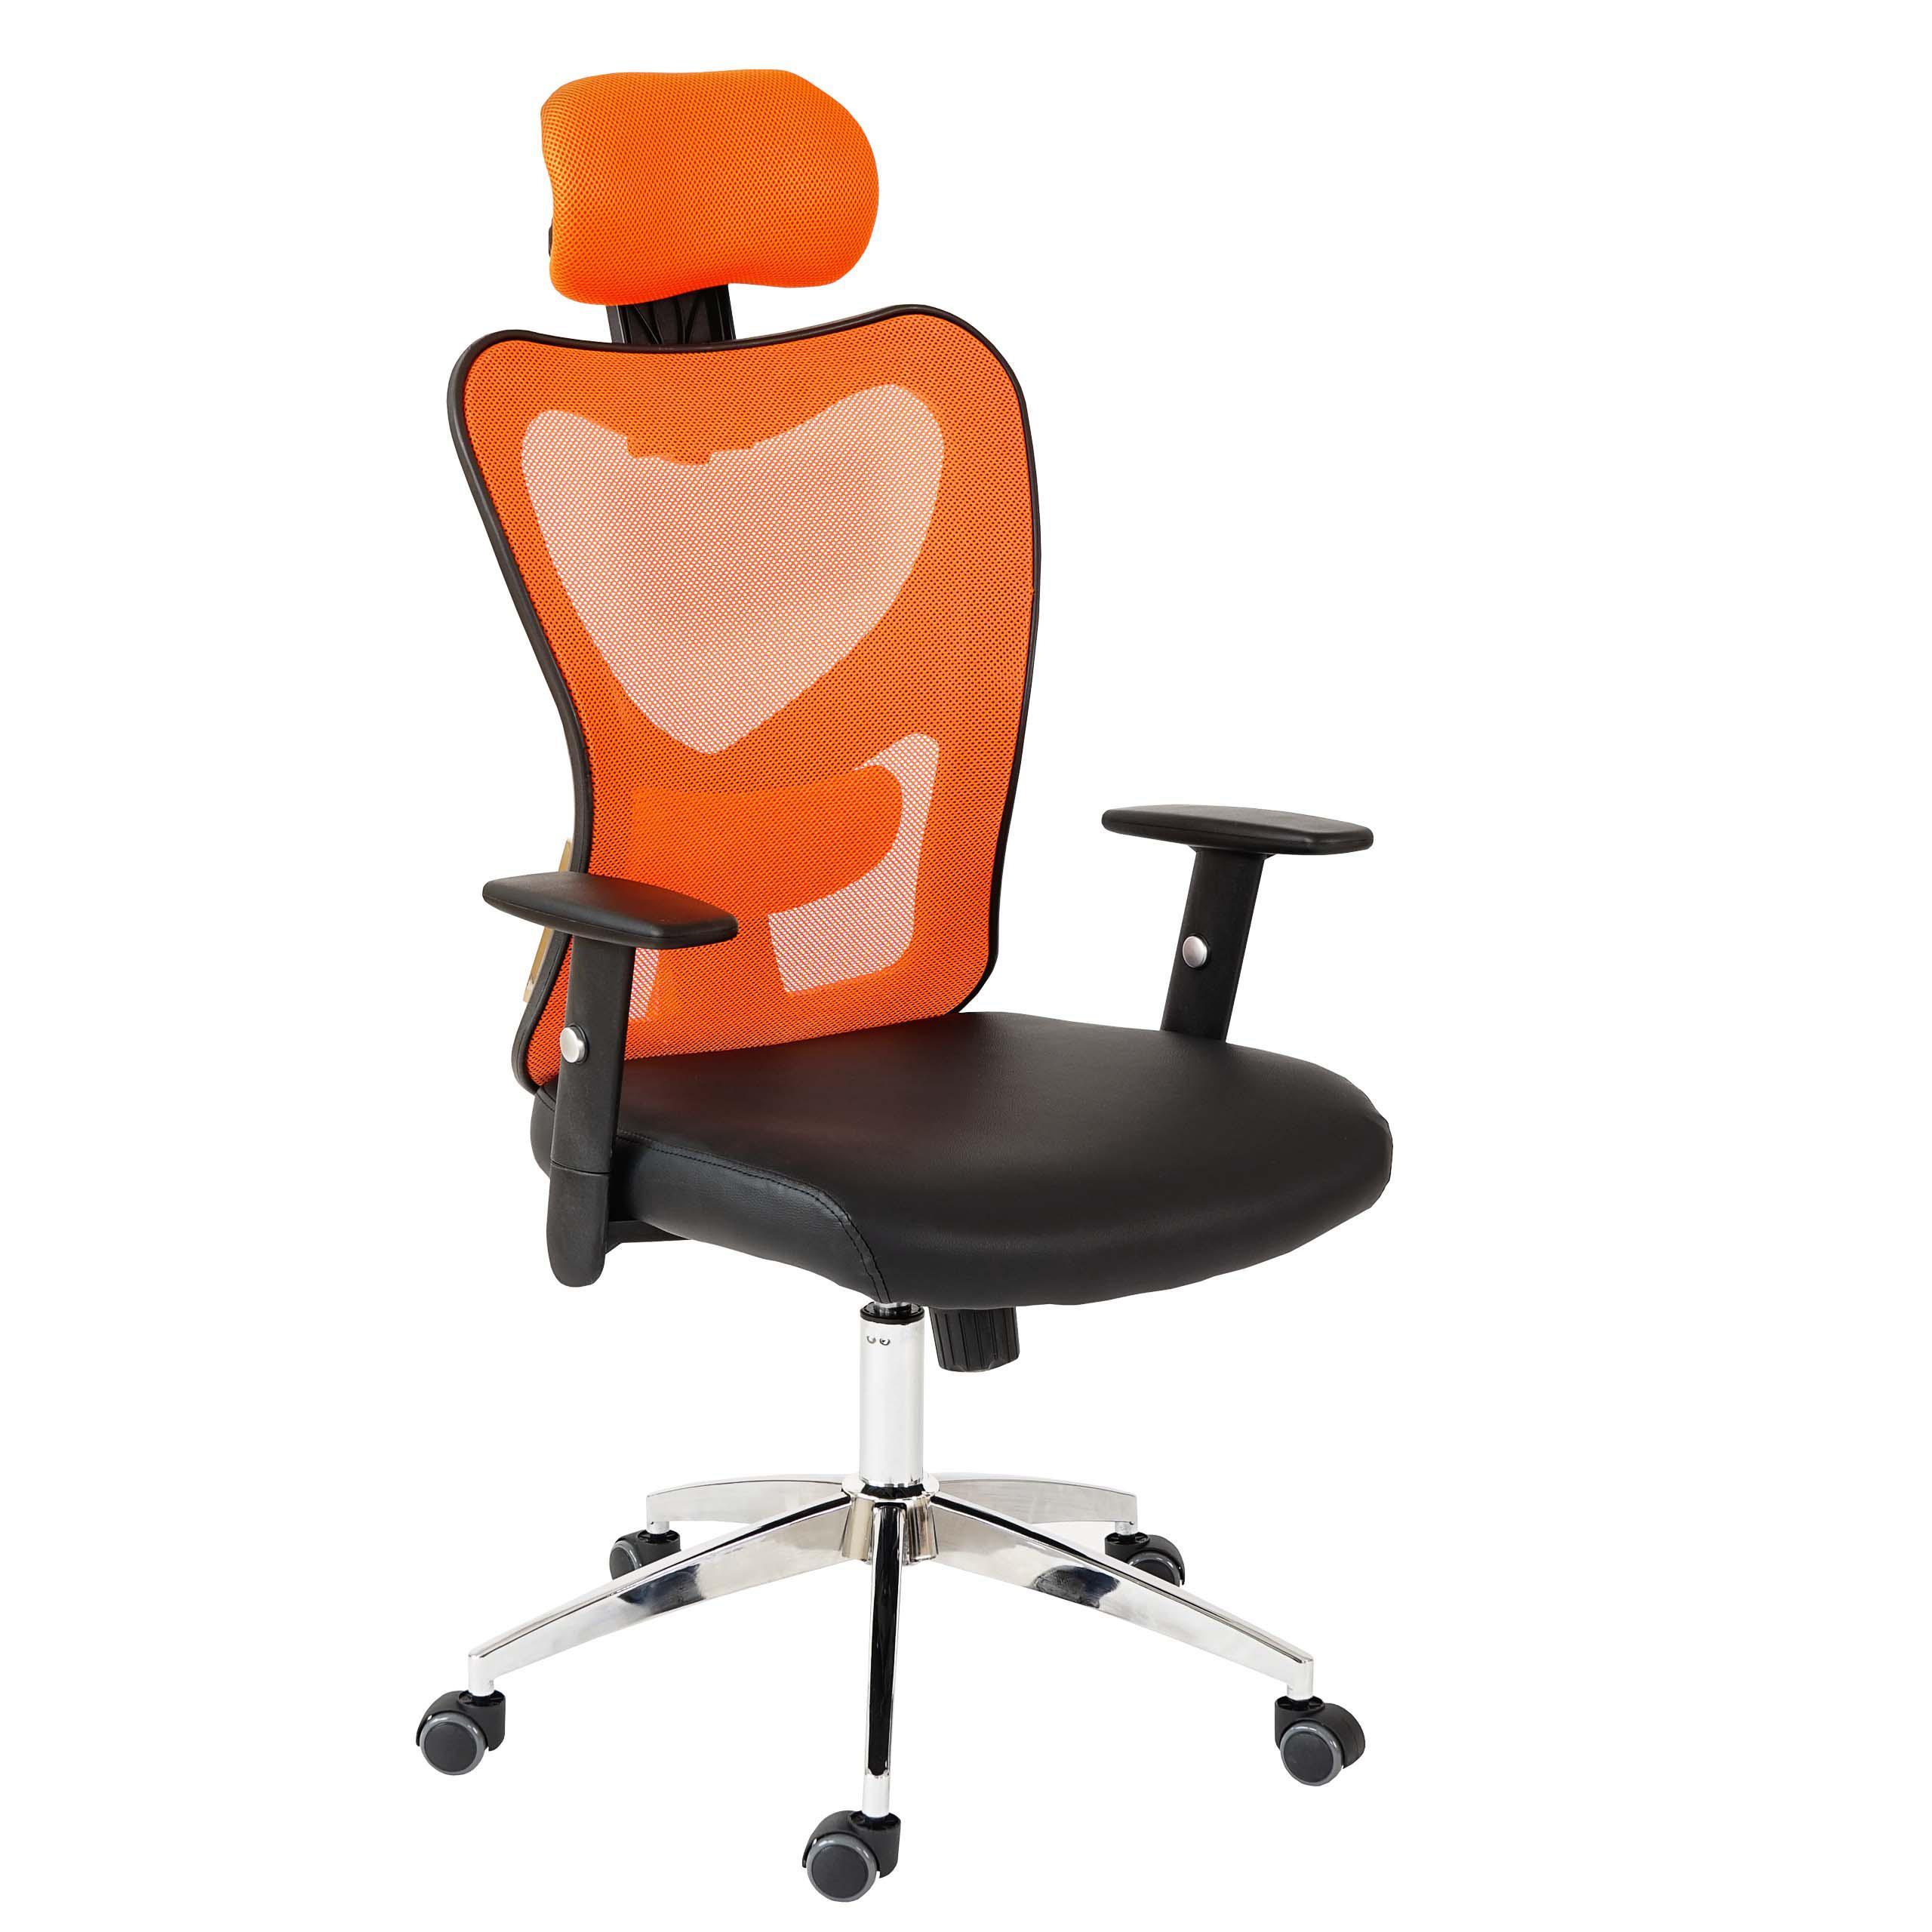 TOP 15 migliori sedie da ufficio: Novità e curiosità sulle sedie da ...